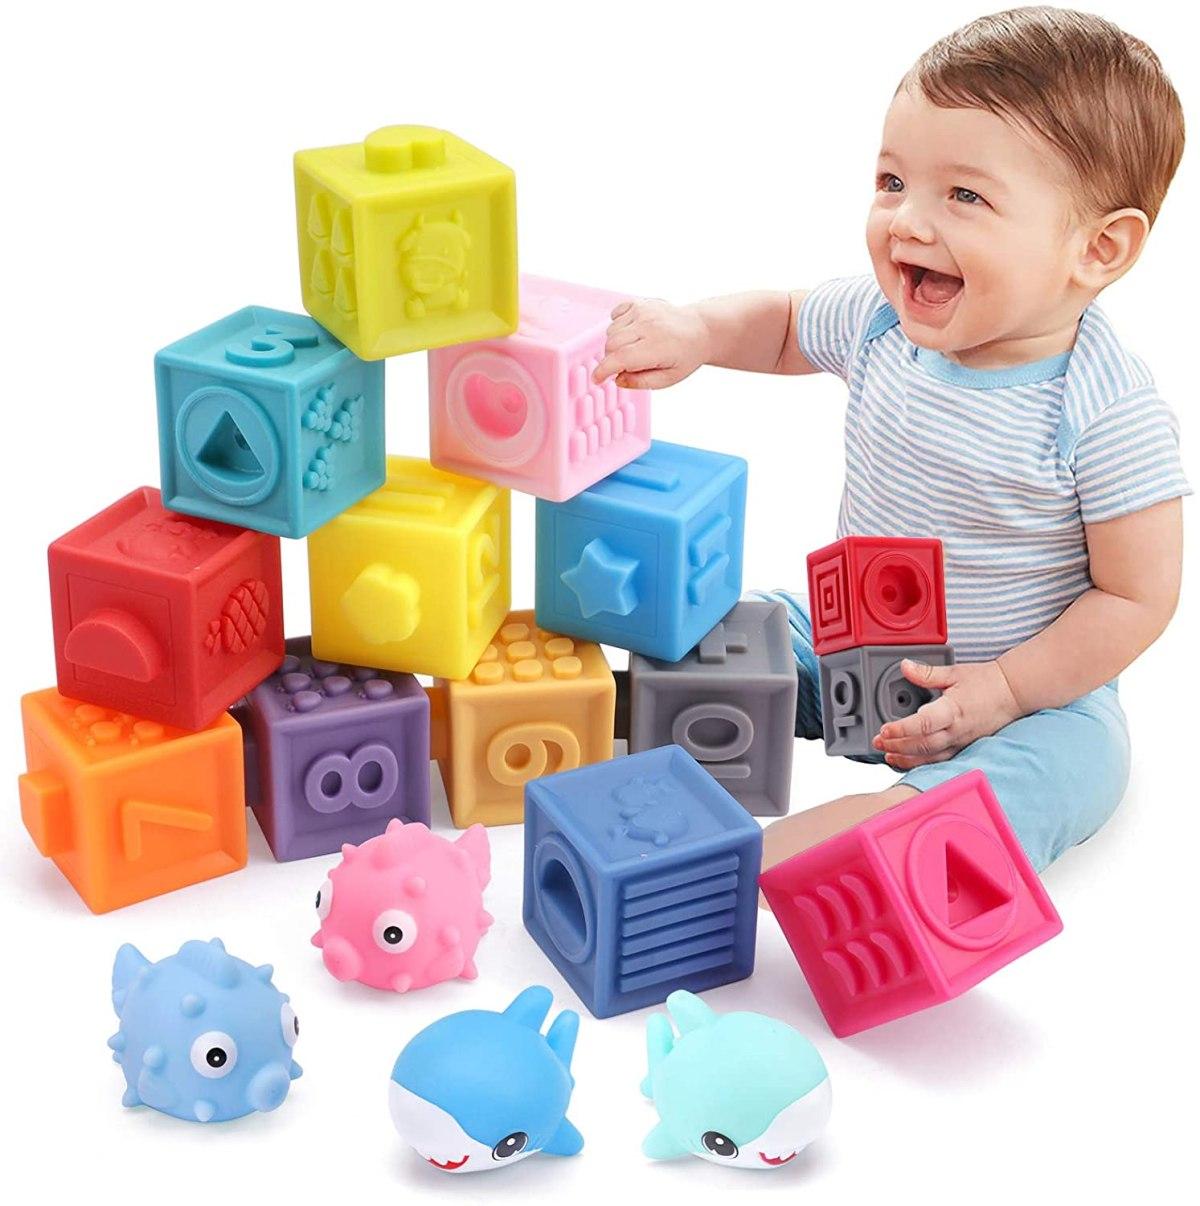 Baby's Brain Development